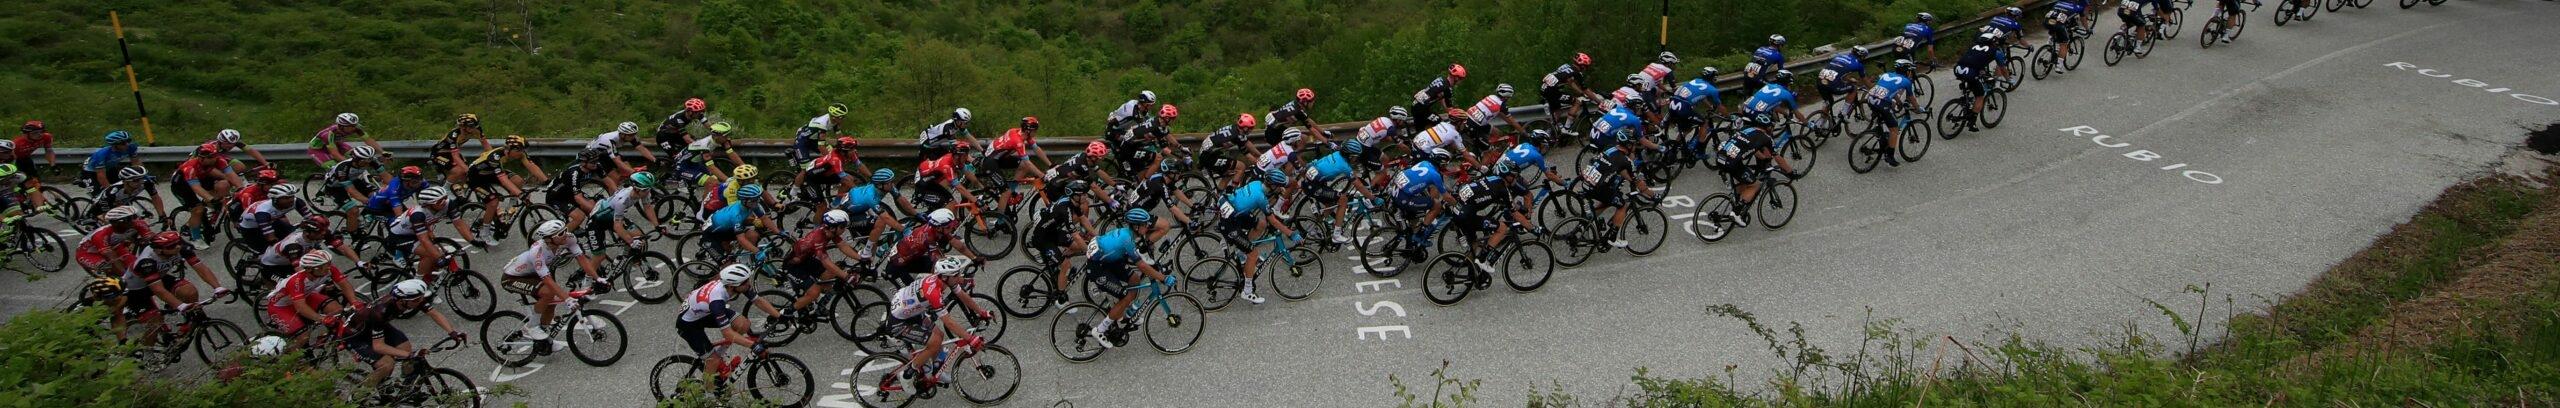 Giro d'Italia 2021: quote, favoriti e possibili sorprese della nona tappa